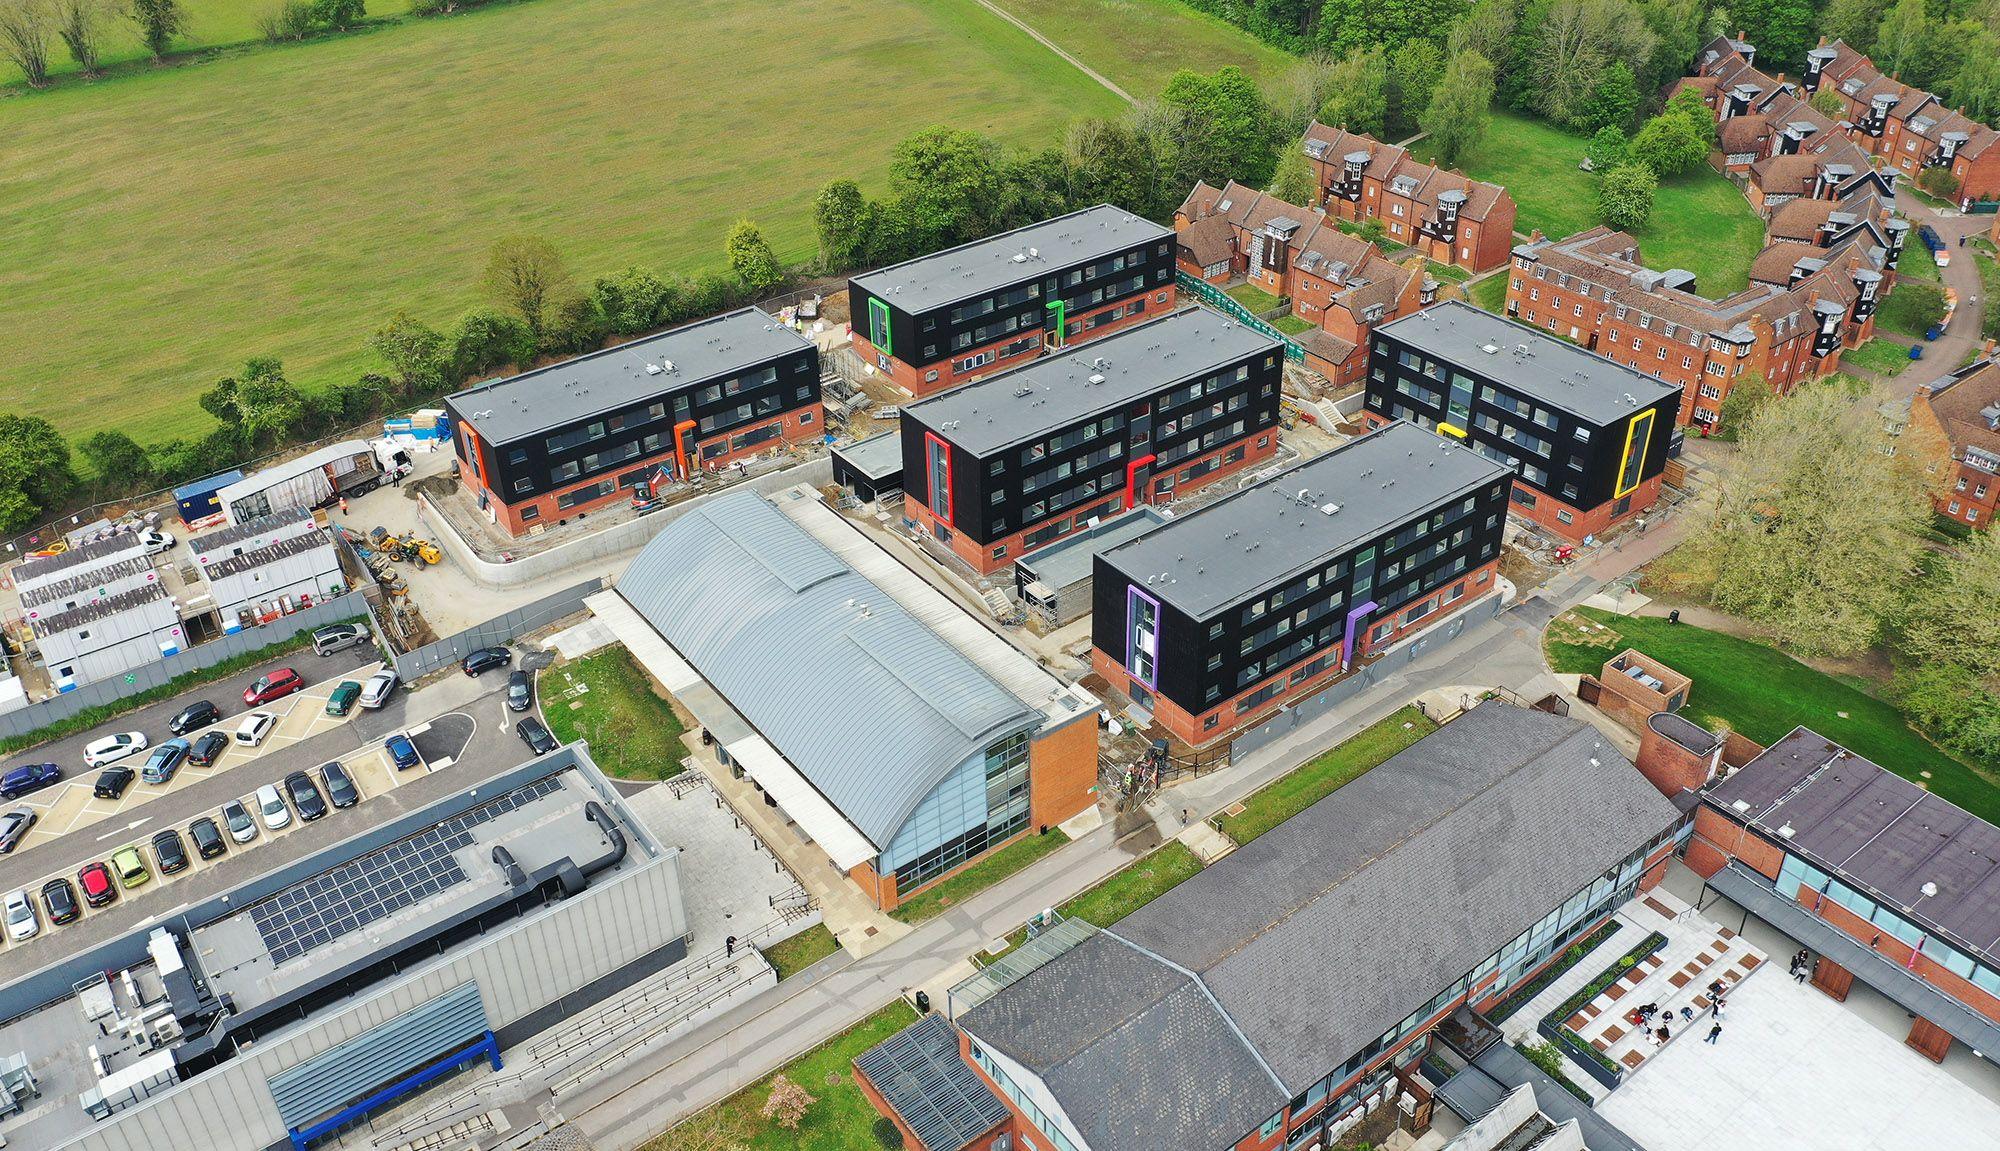 University walk, Farnham accommodation